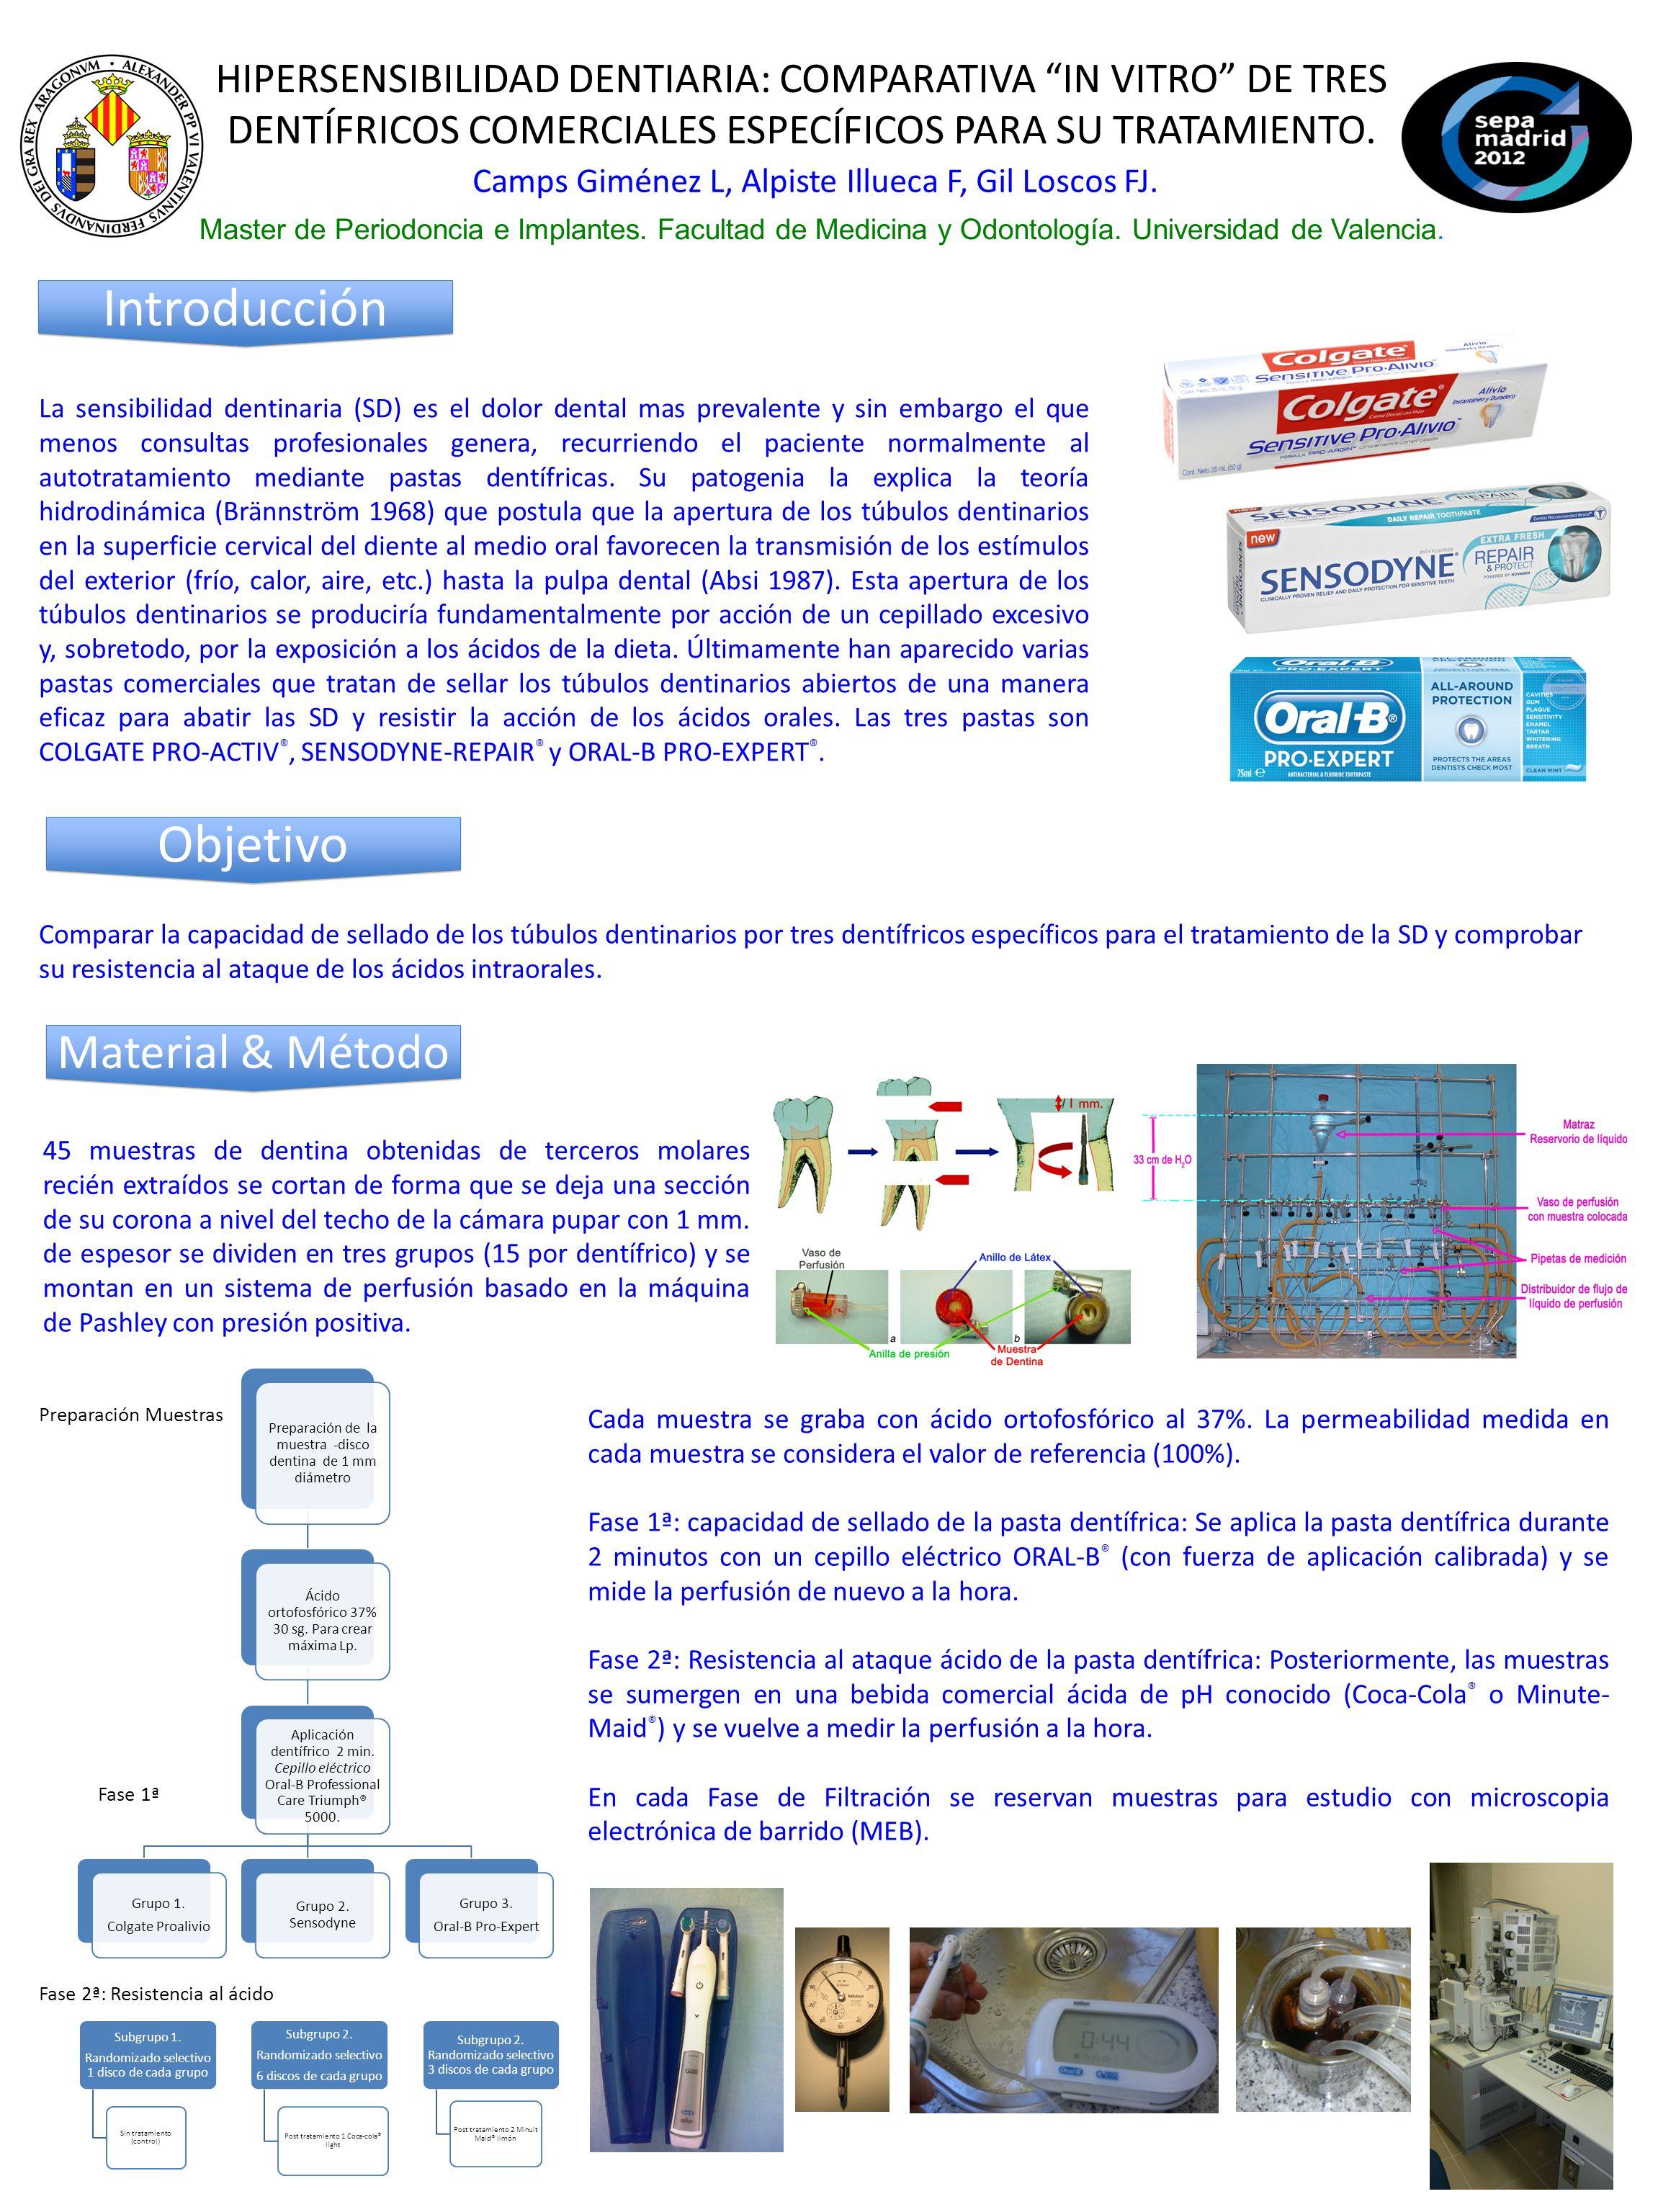 Introducción Objetivo Material & Método